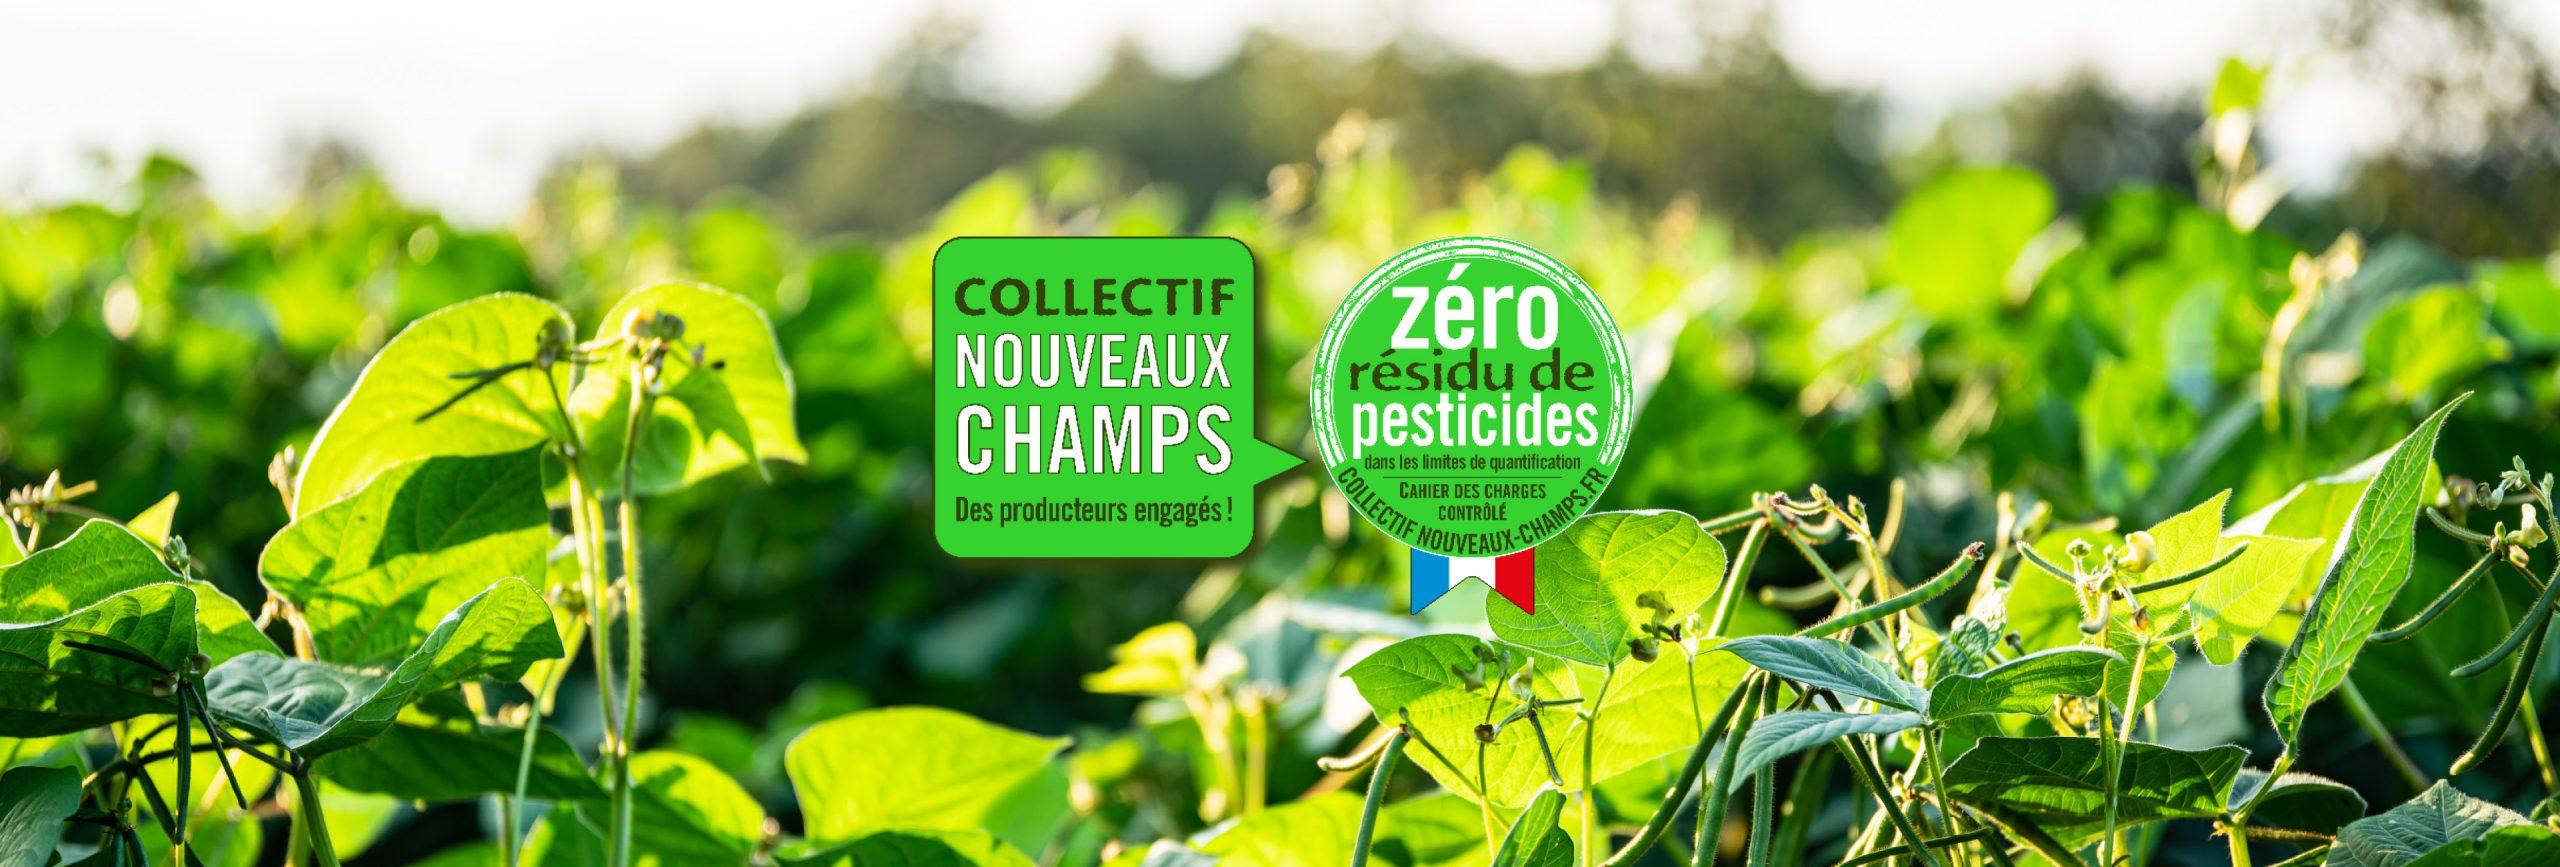 Terres du Sud adhere au collectif nouveaux champs zero residu de pesticides